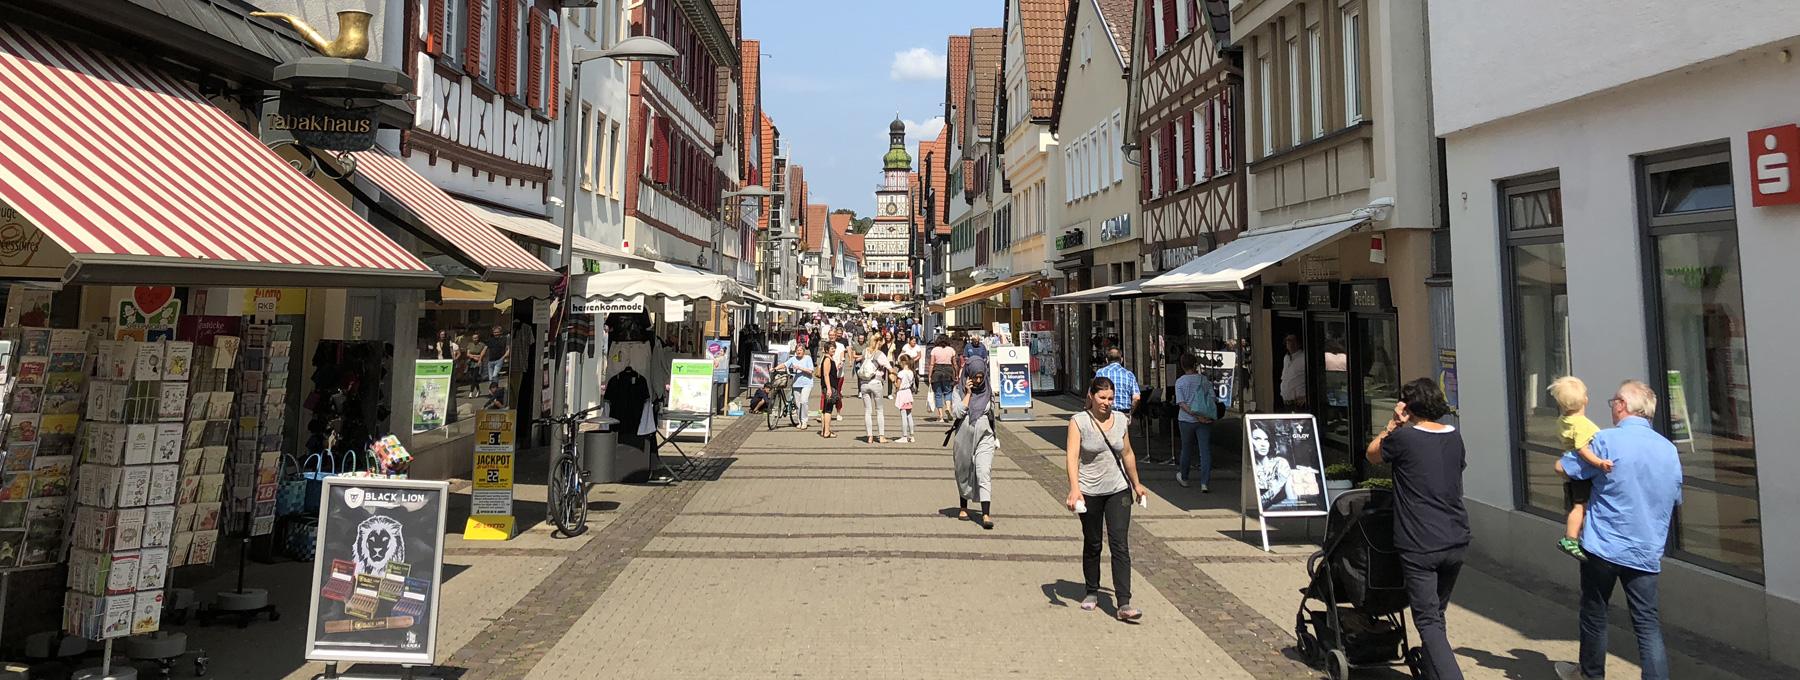 Singlebörse in Kirchheim unter Teck, Stadt bei esslingen und Männer Singletreff : Männer